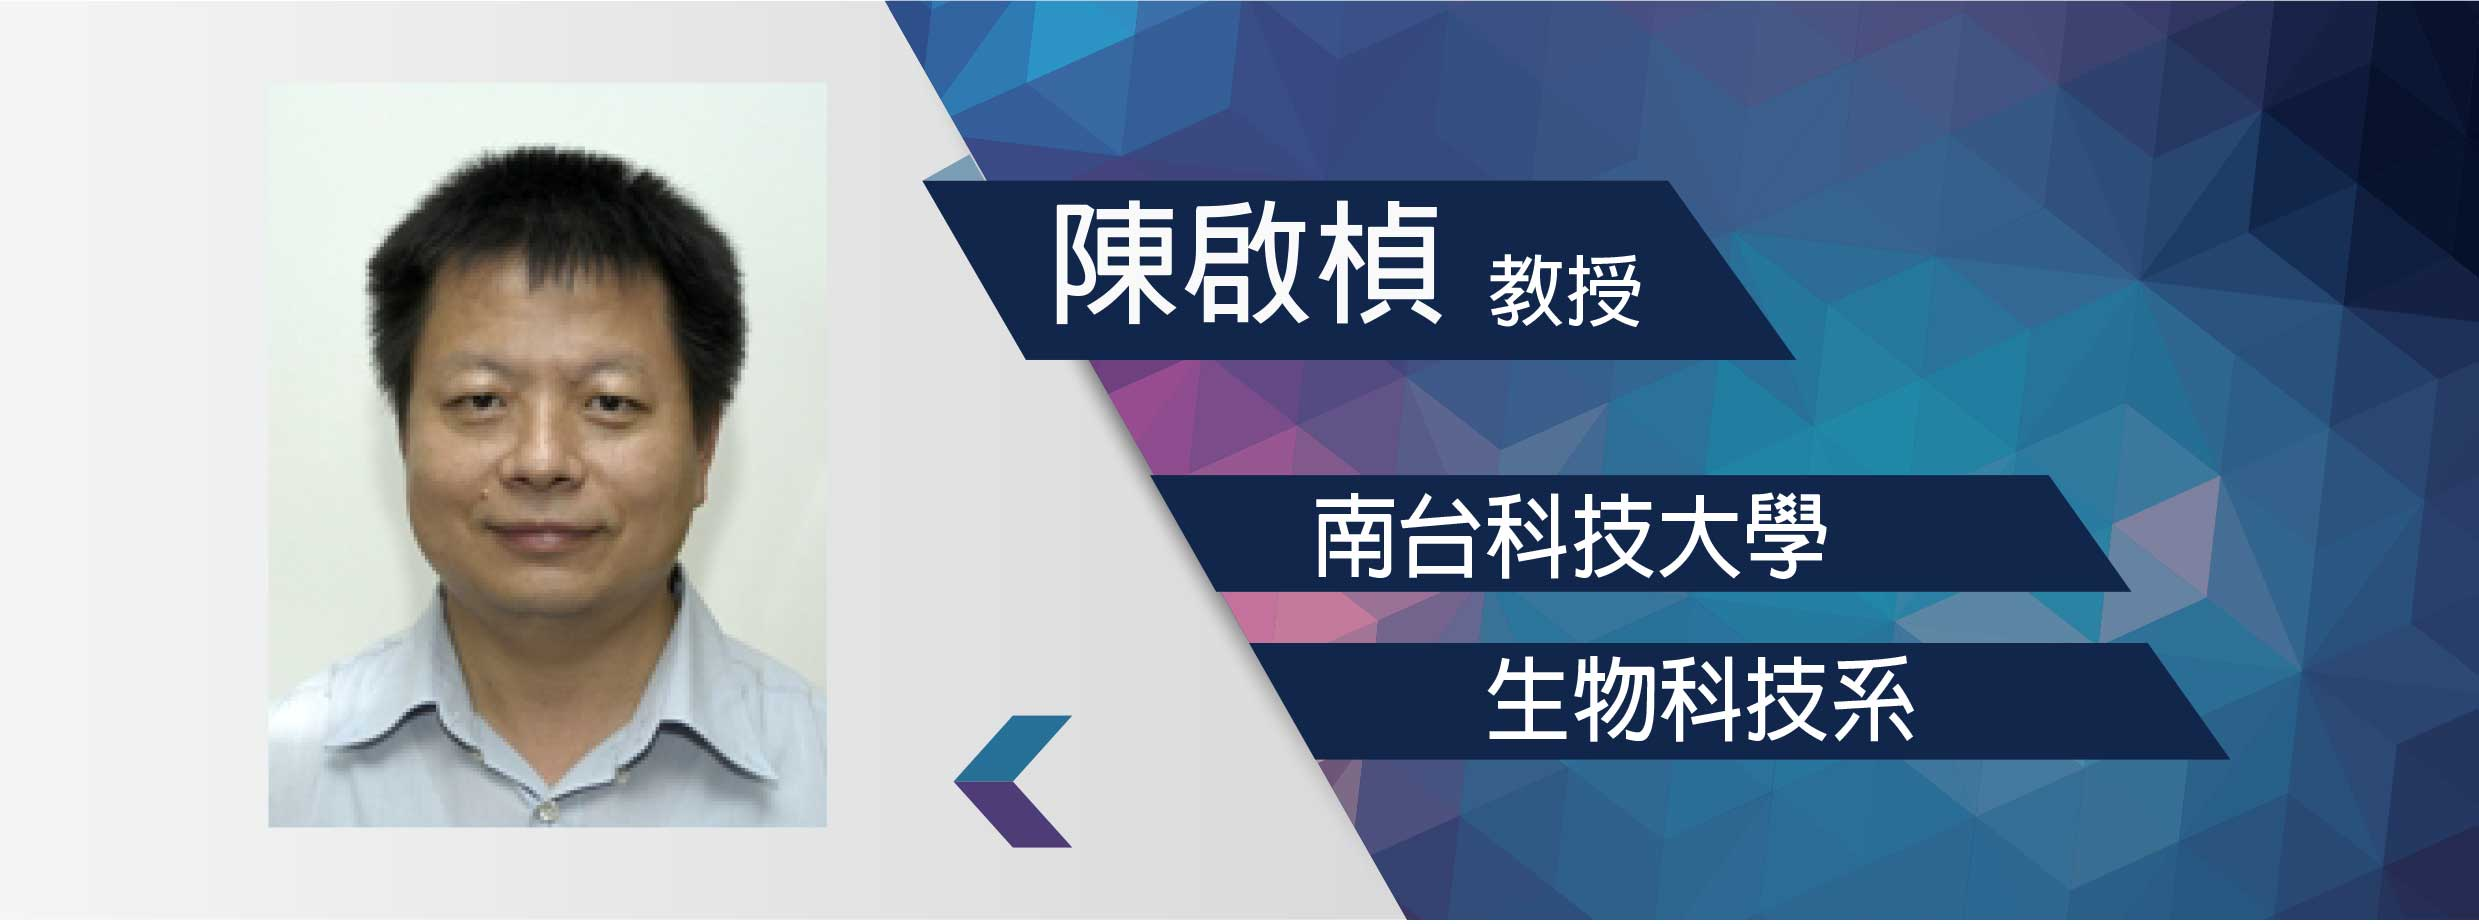 南台科技大學-陳啓楨教授